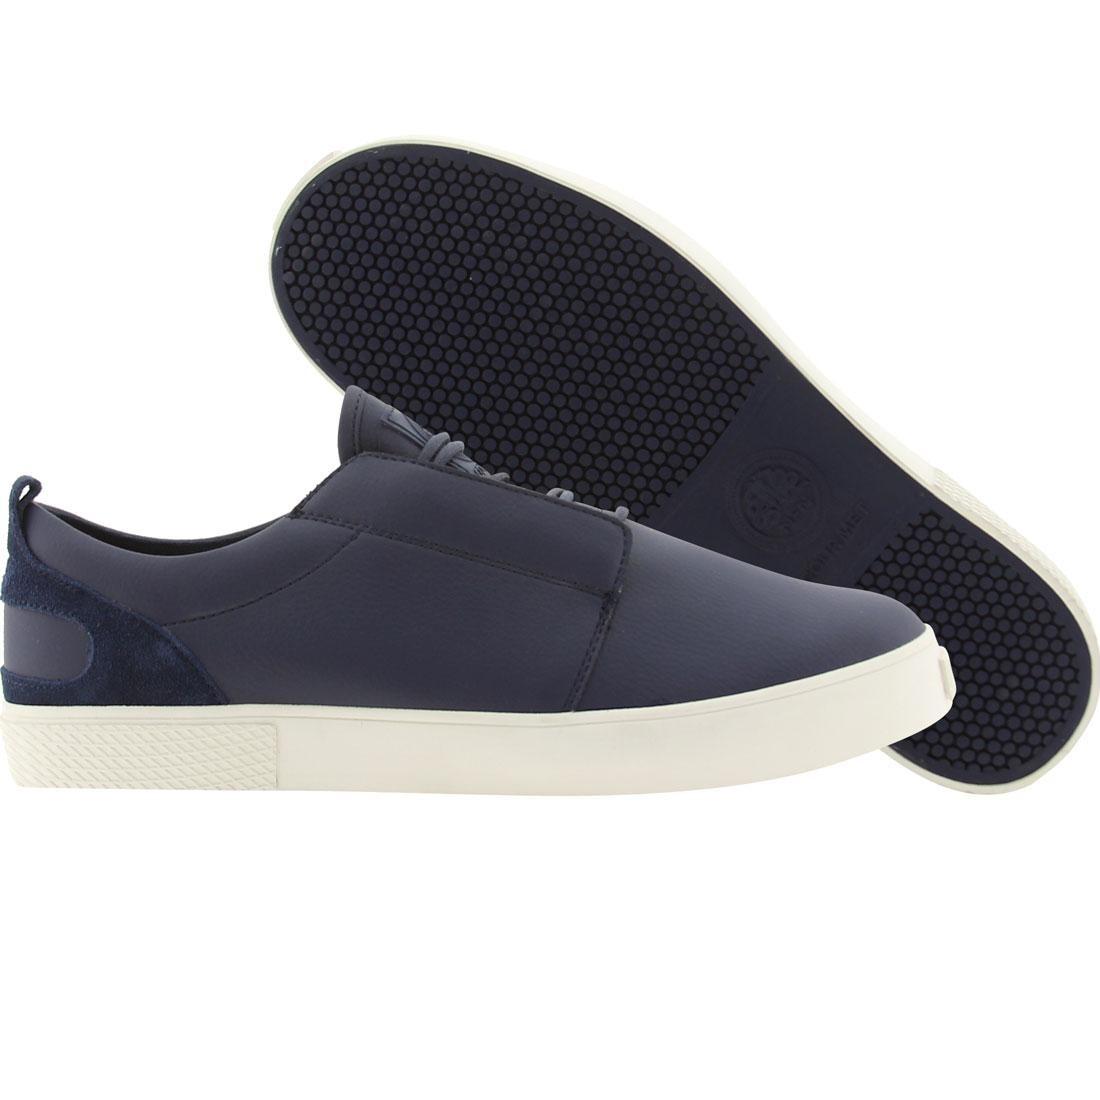 【海外限定】グルメ メンズ靴 靴 【 GOURMET SECIDI LOW L NAVY WHITE 】